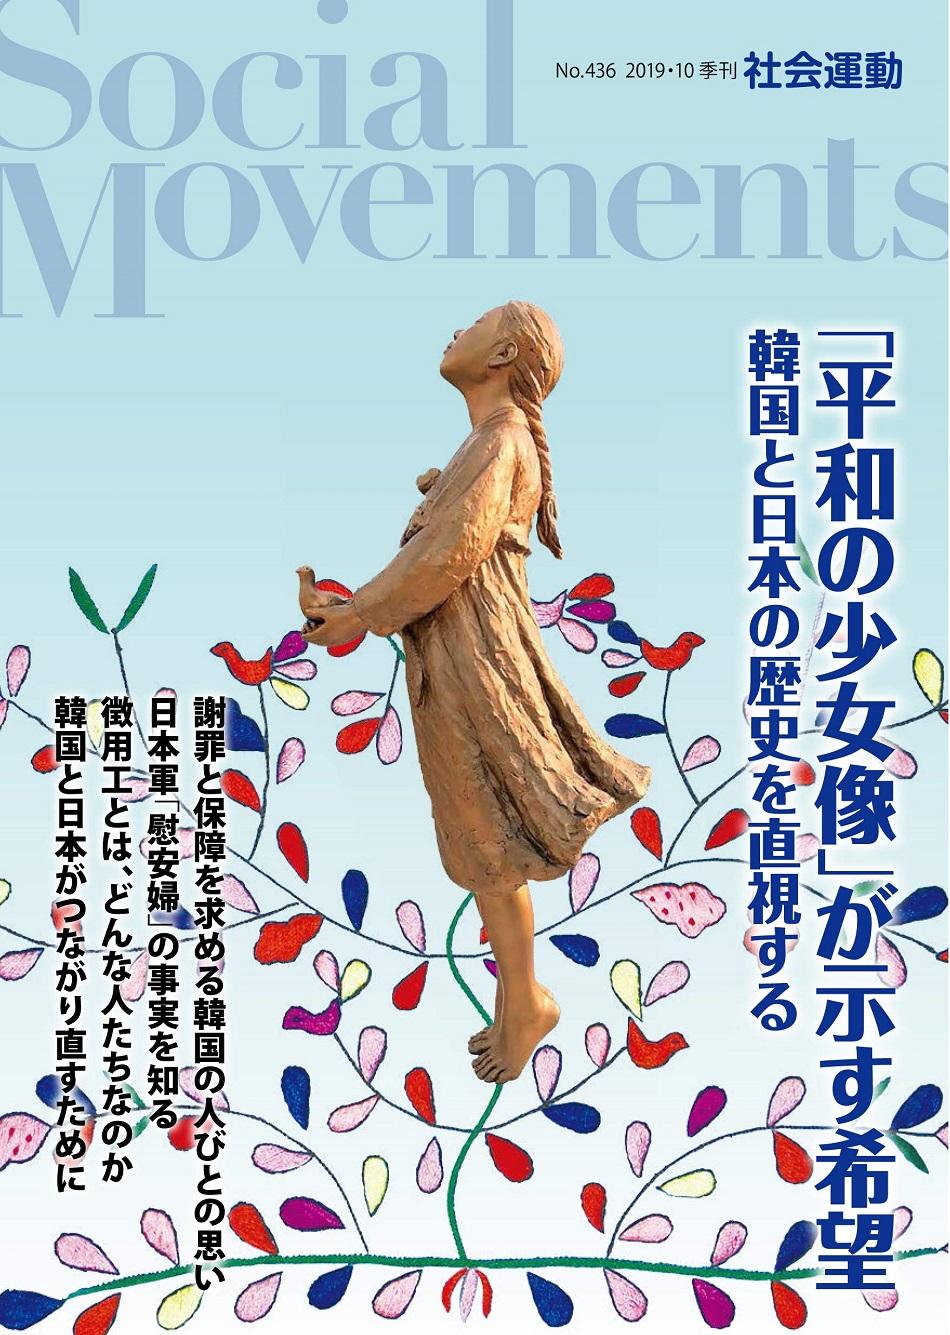 季刊『社会運動』2019年10月号【436号】特集:「平和の少女像」が示す希望 韓国と日本の歴史を直視する